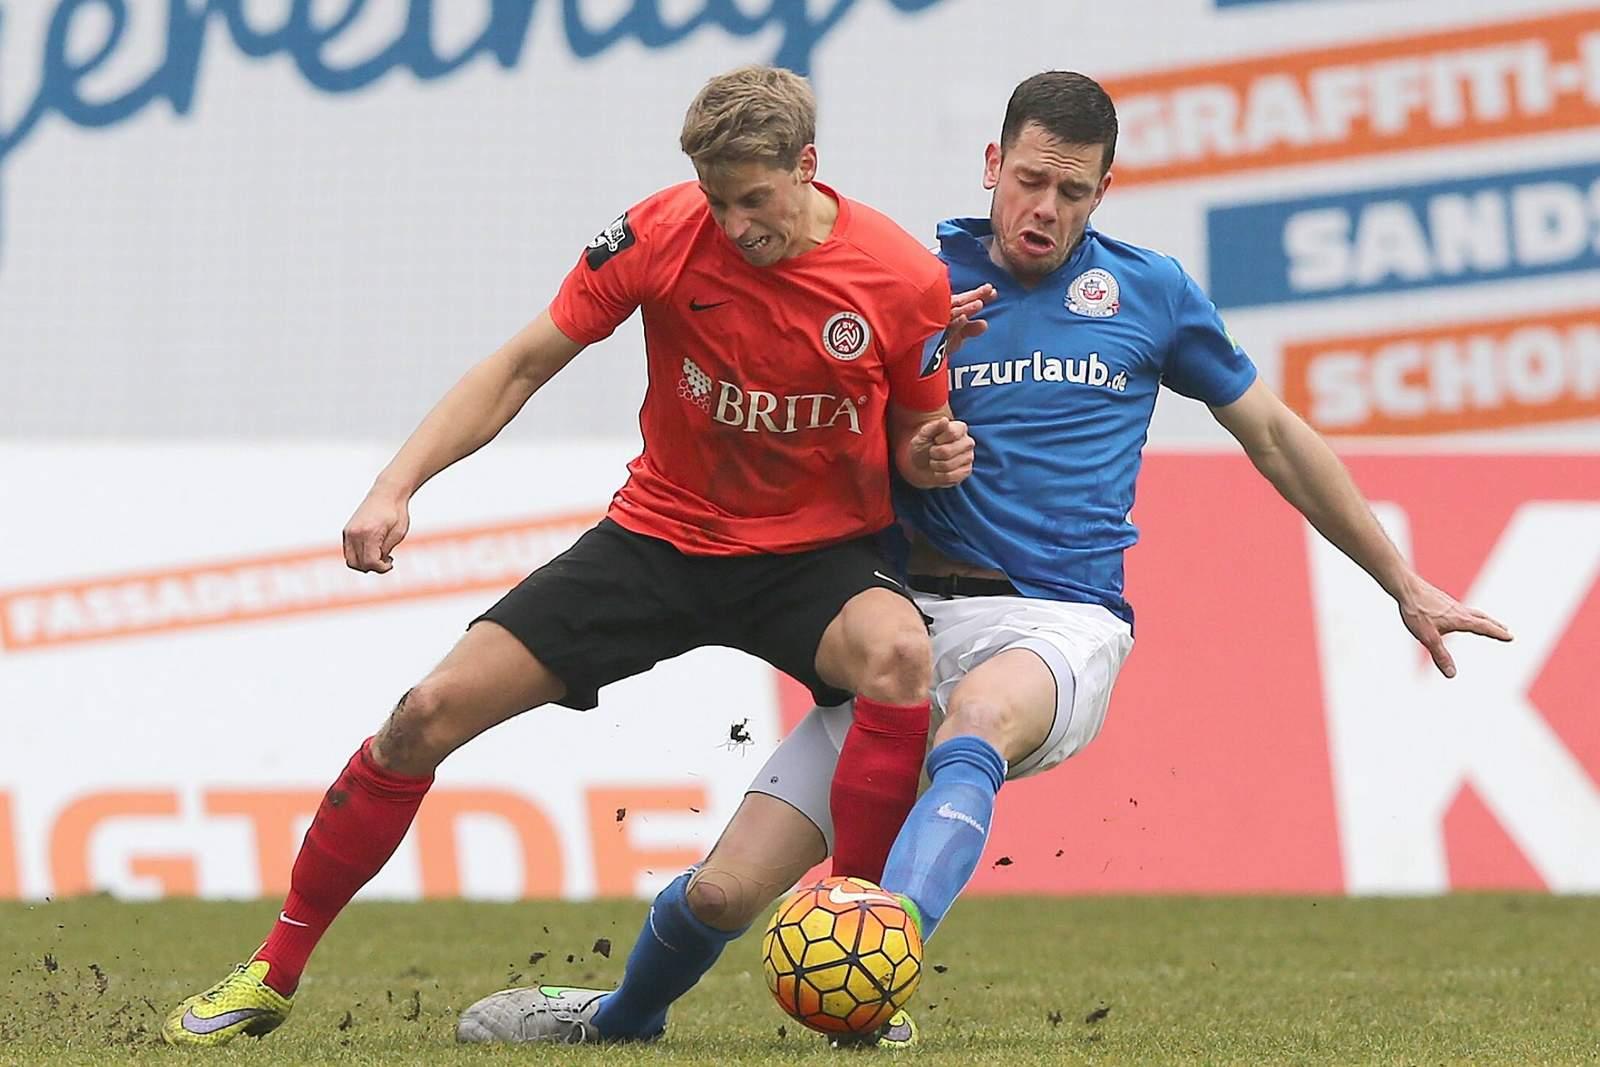 Zweikampf zwischen Marc Lorenz und Matthias Henn